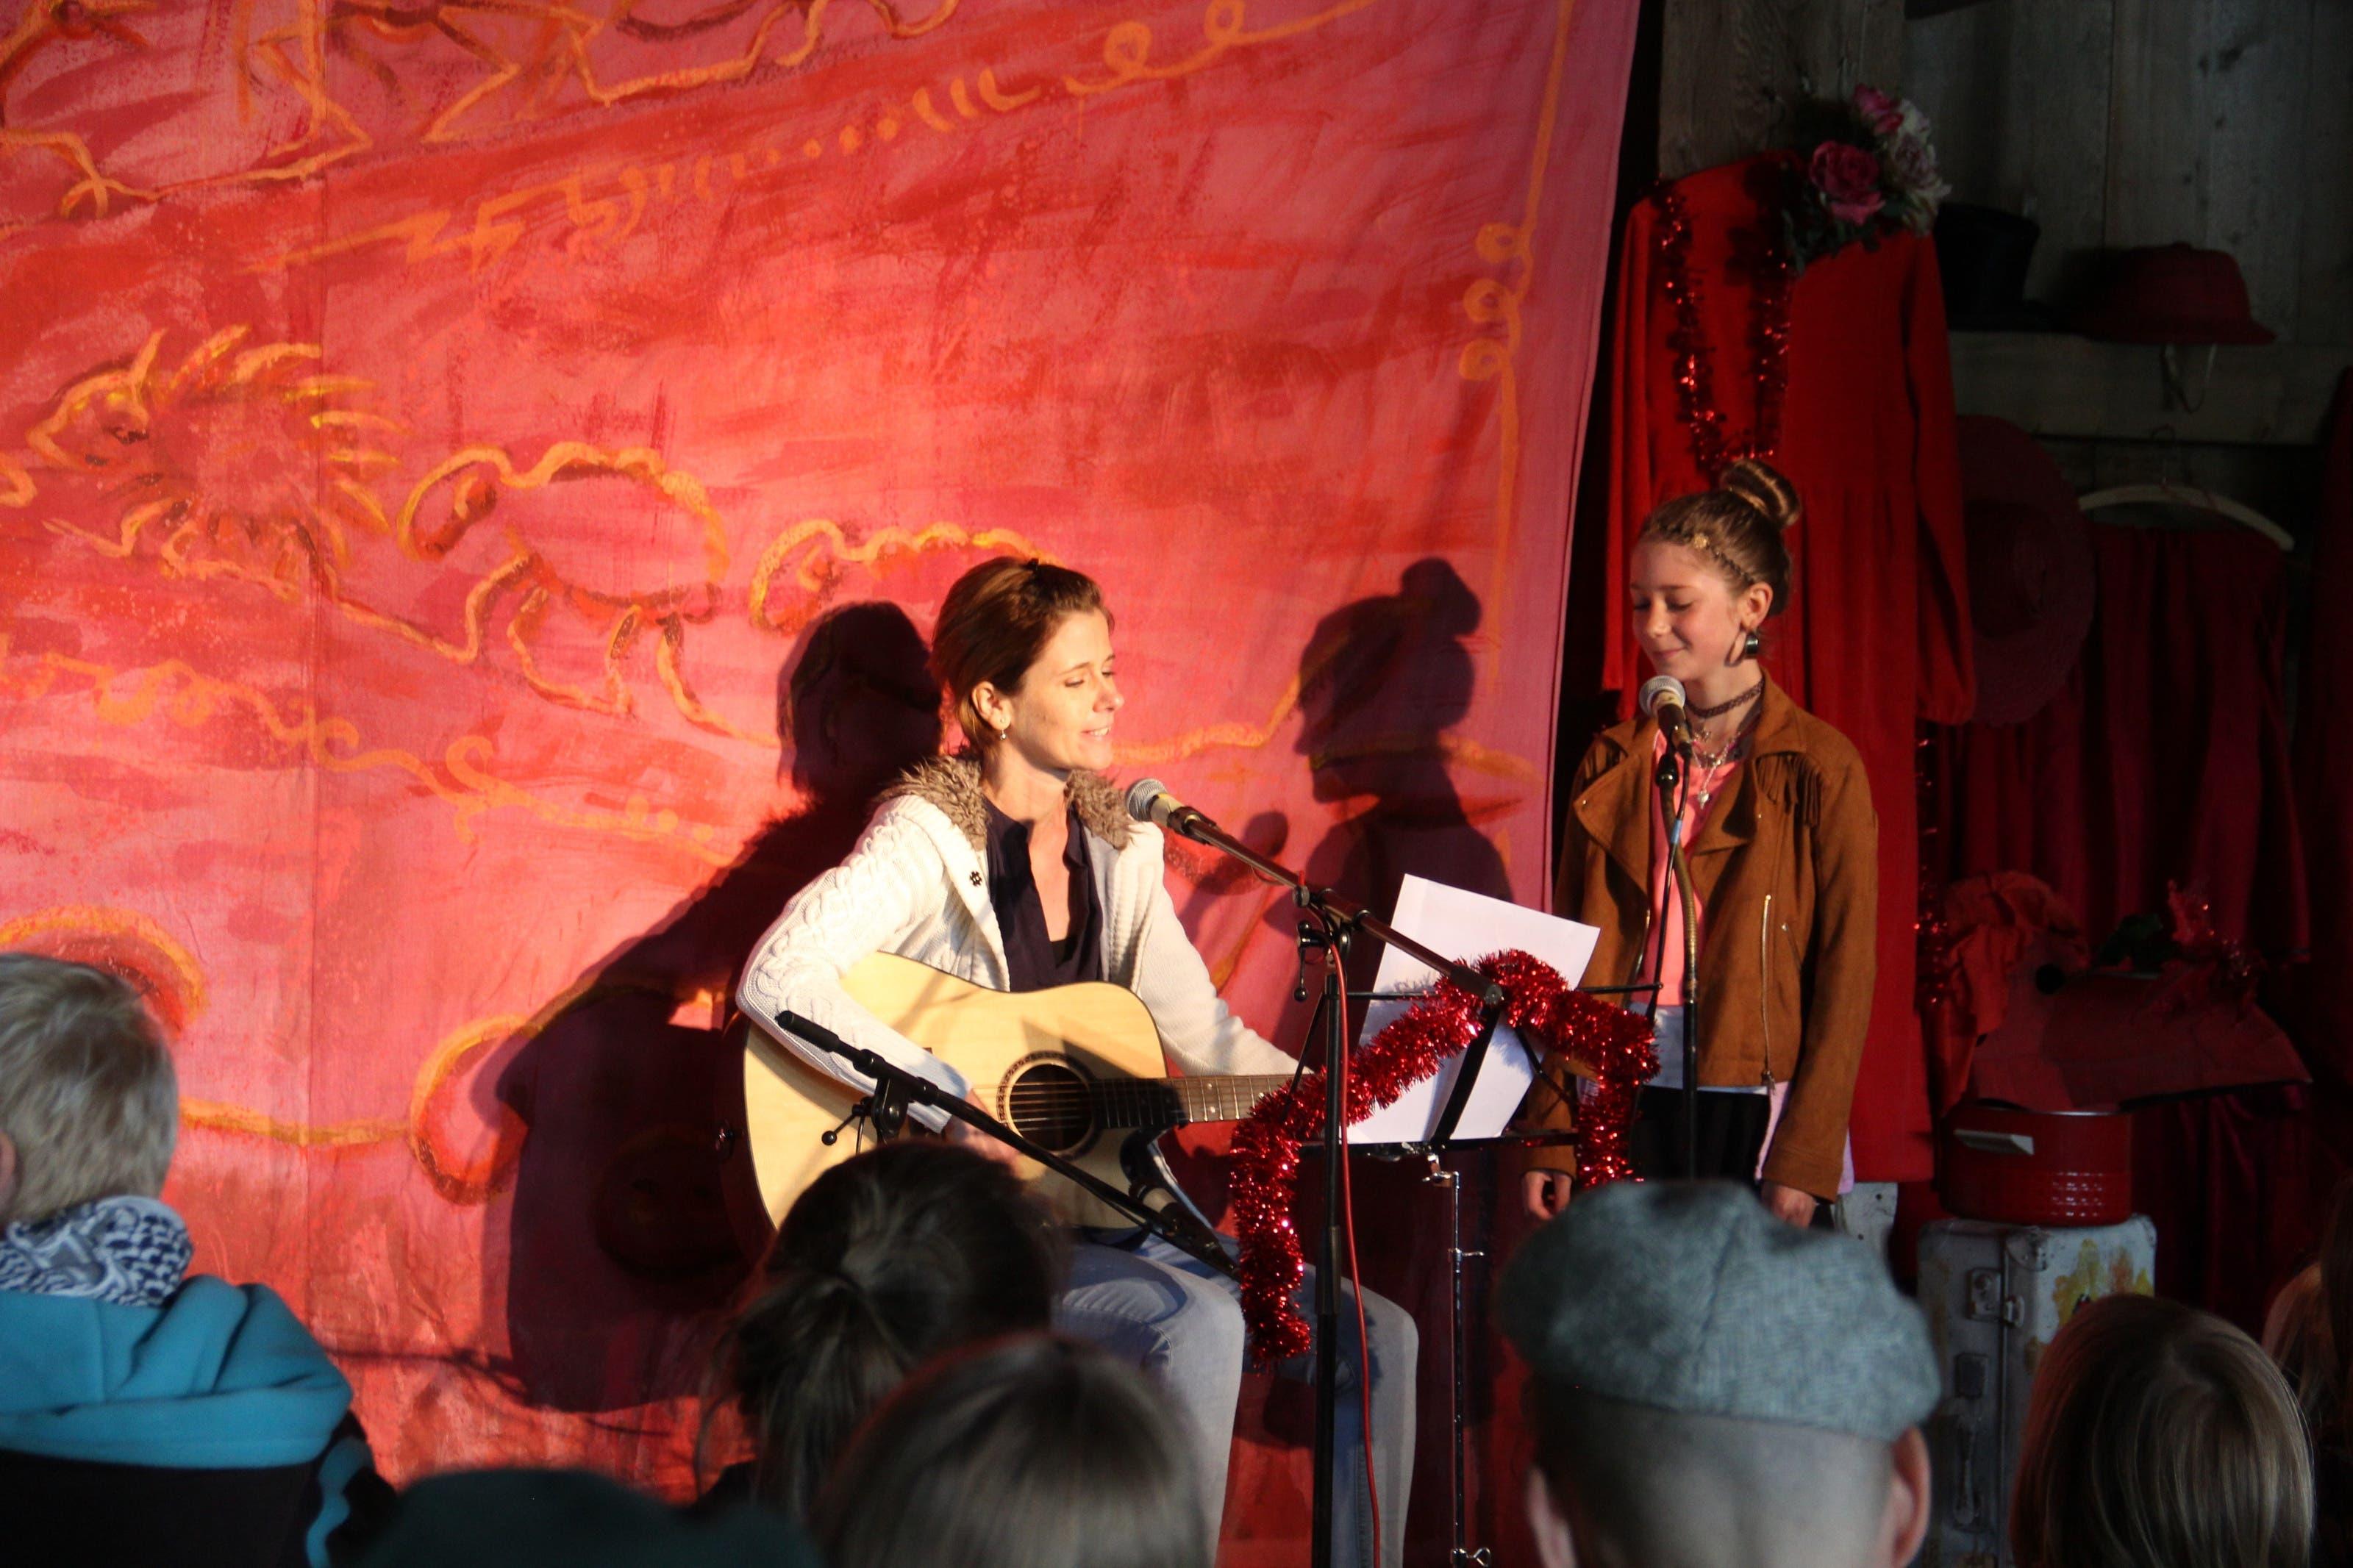 Das Liedermacherfest Troubadix brachte rund 300 Zuschauer auf die alte Zollbrücke in Sins